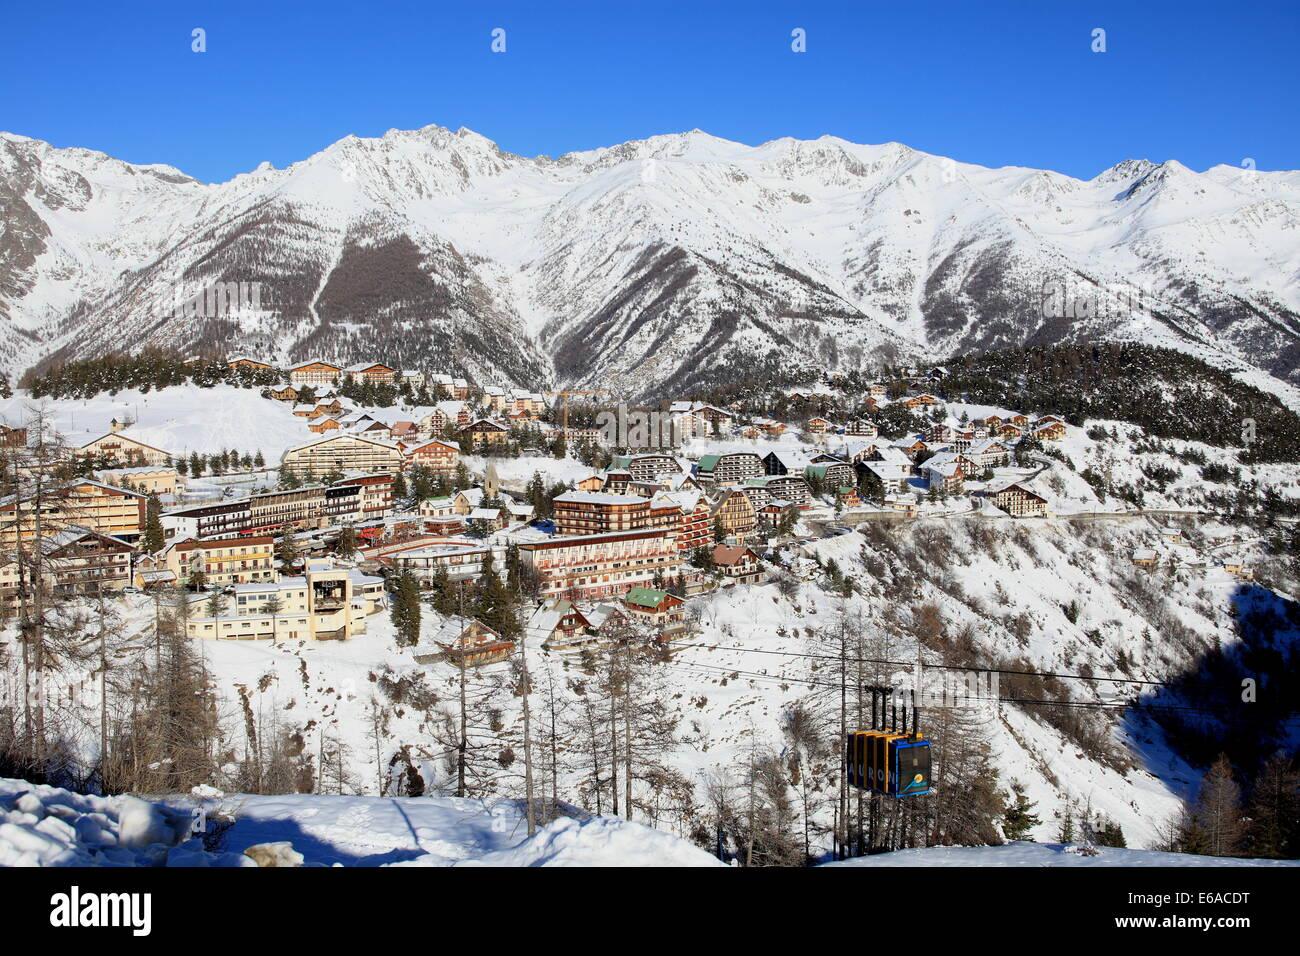 La station de ski d 39 auron sous la neige en hiver dans le parc national du mercantour alpes - Office de tourisme d isola 2000 ...